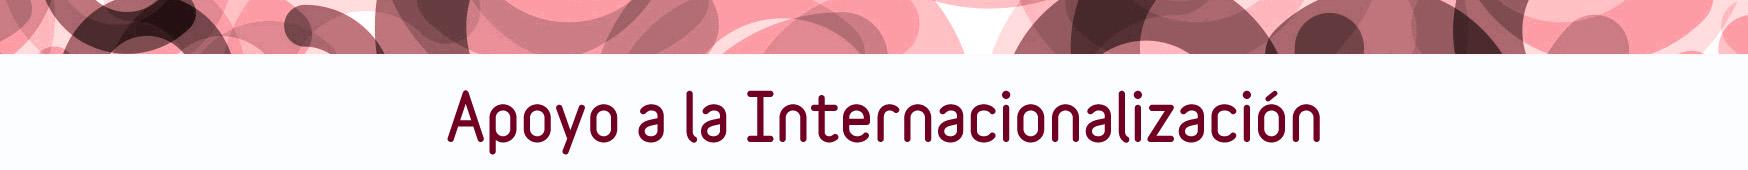 Apoyo a la internacionalizacion